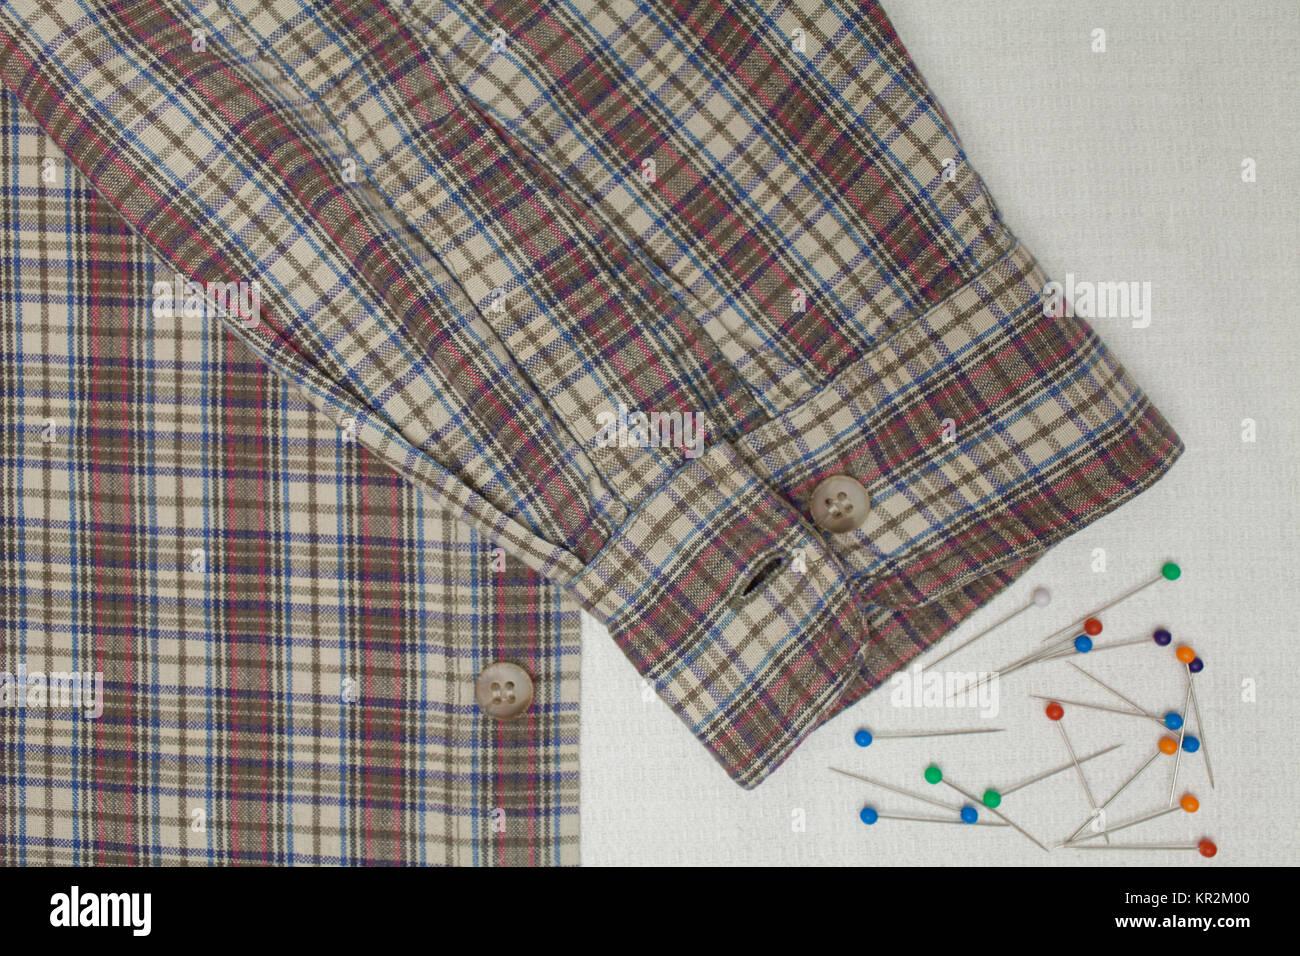 Brassard d'une chemise à carreaux et de broches sur un tableau du tailleur, copiez l'espace, Photo Stock